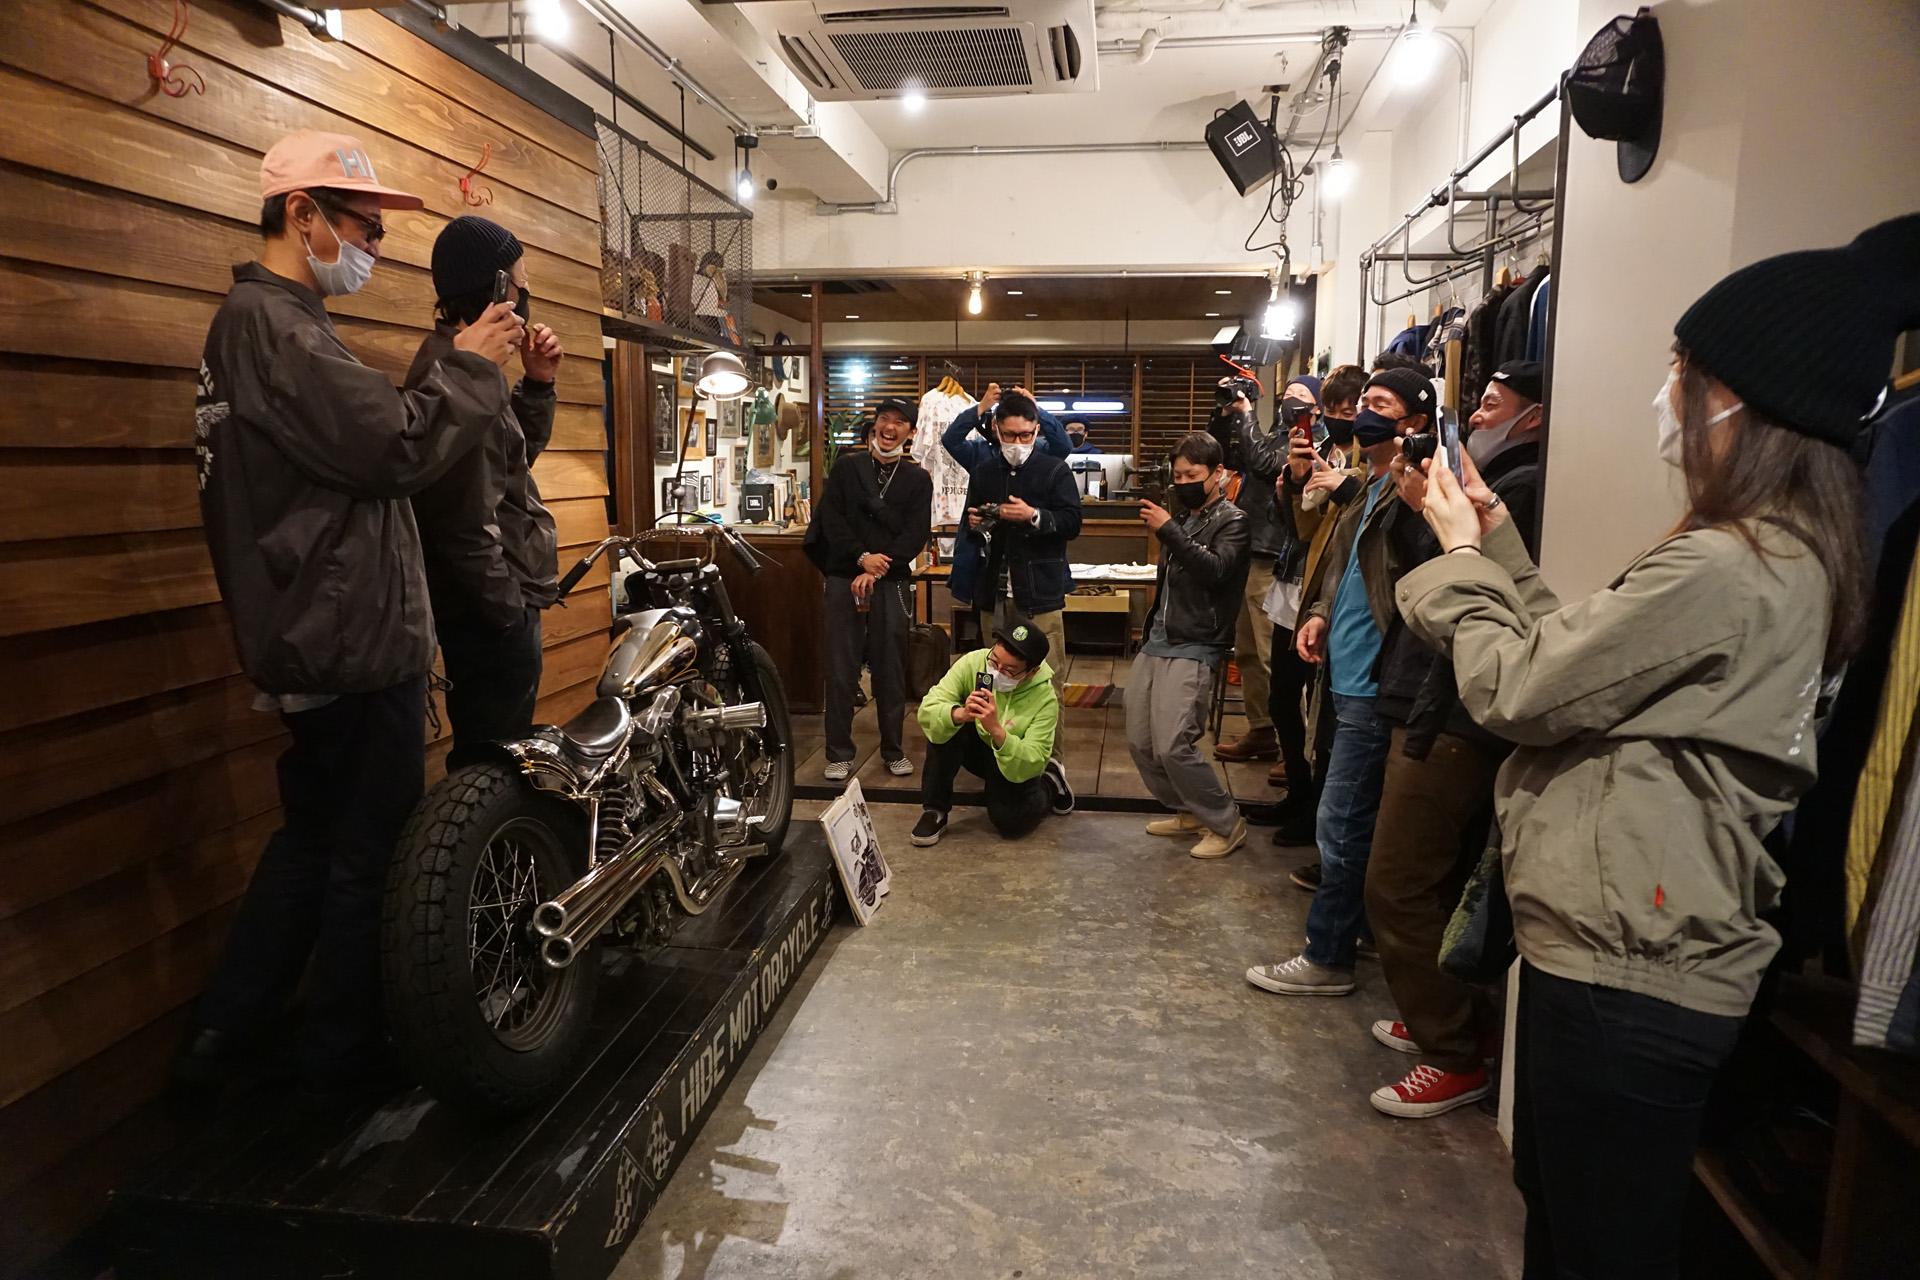 ヒデモーターサイクル ハンガー スコップ ニュートラル hidemotorcycle hunger skop neutral ハーレーダビッドソン ステンシルTシャツ